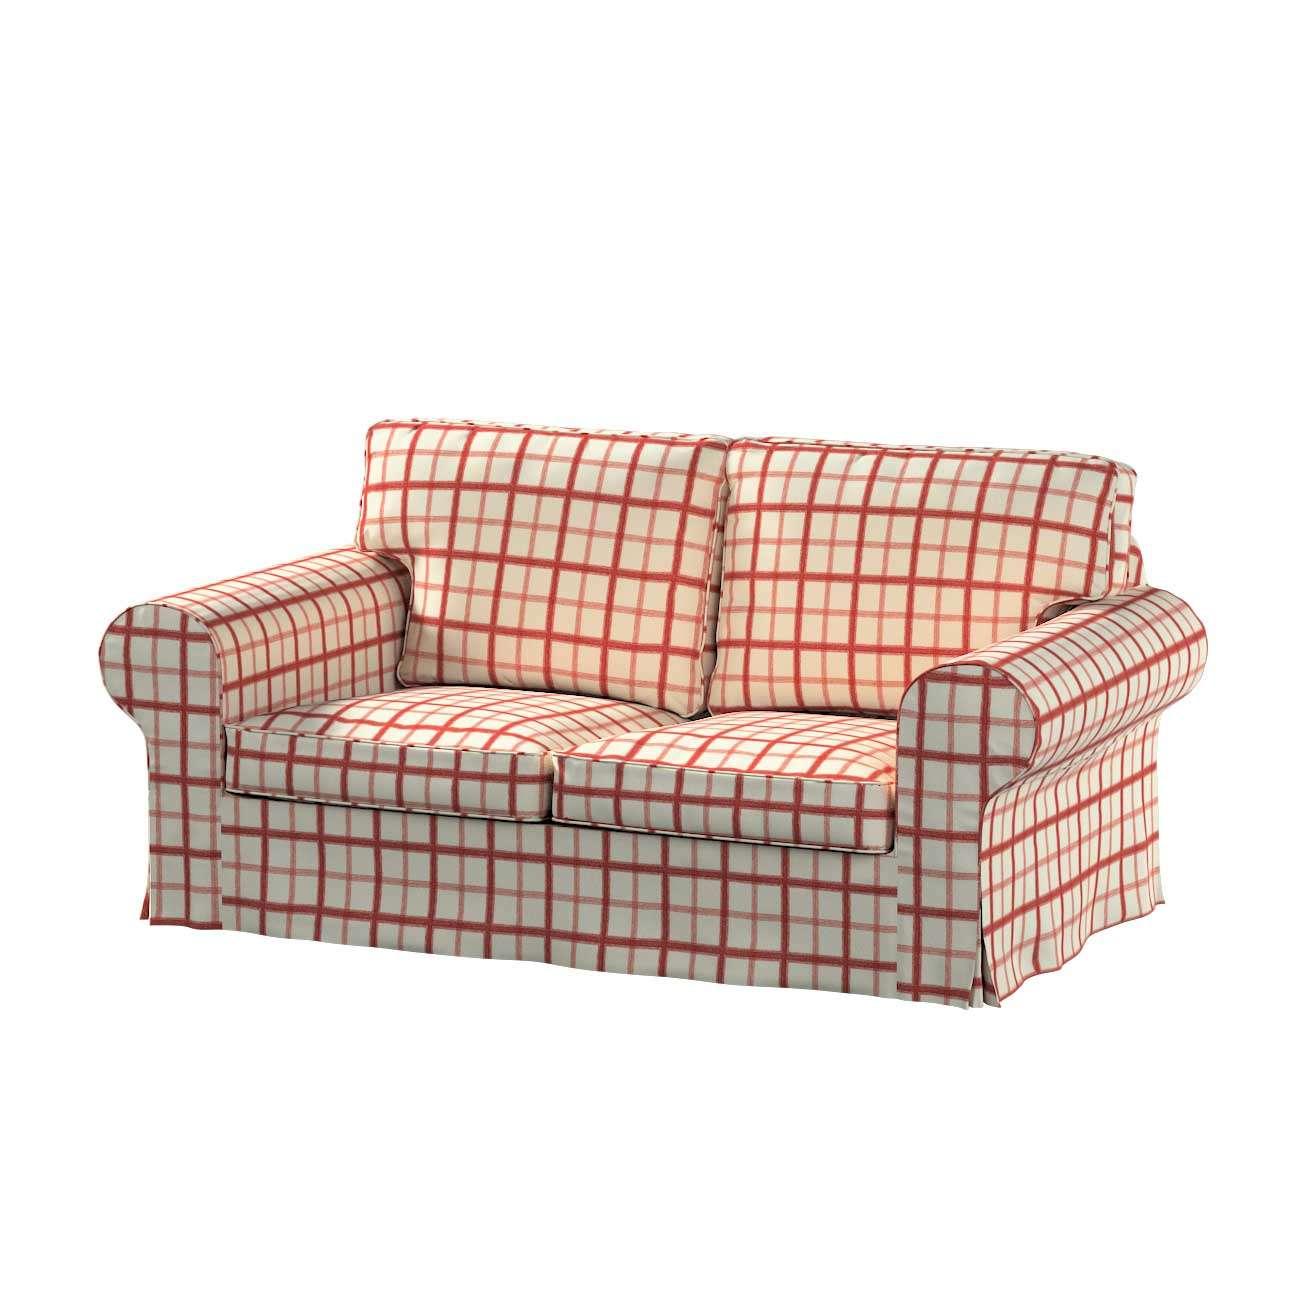 Potah na pohovku IKEA  Ektorp 2-místná, nerozkládací pohovka Ektorp 2-místná v kolekci Avignon, látka: 131-15